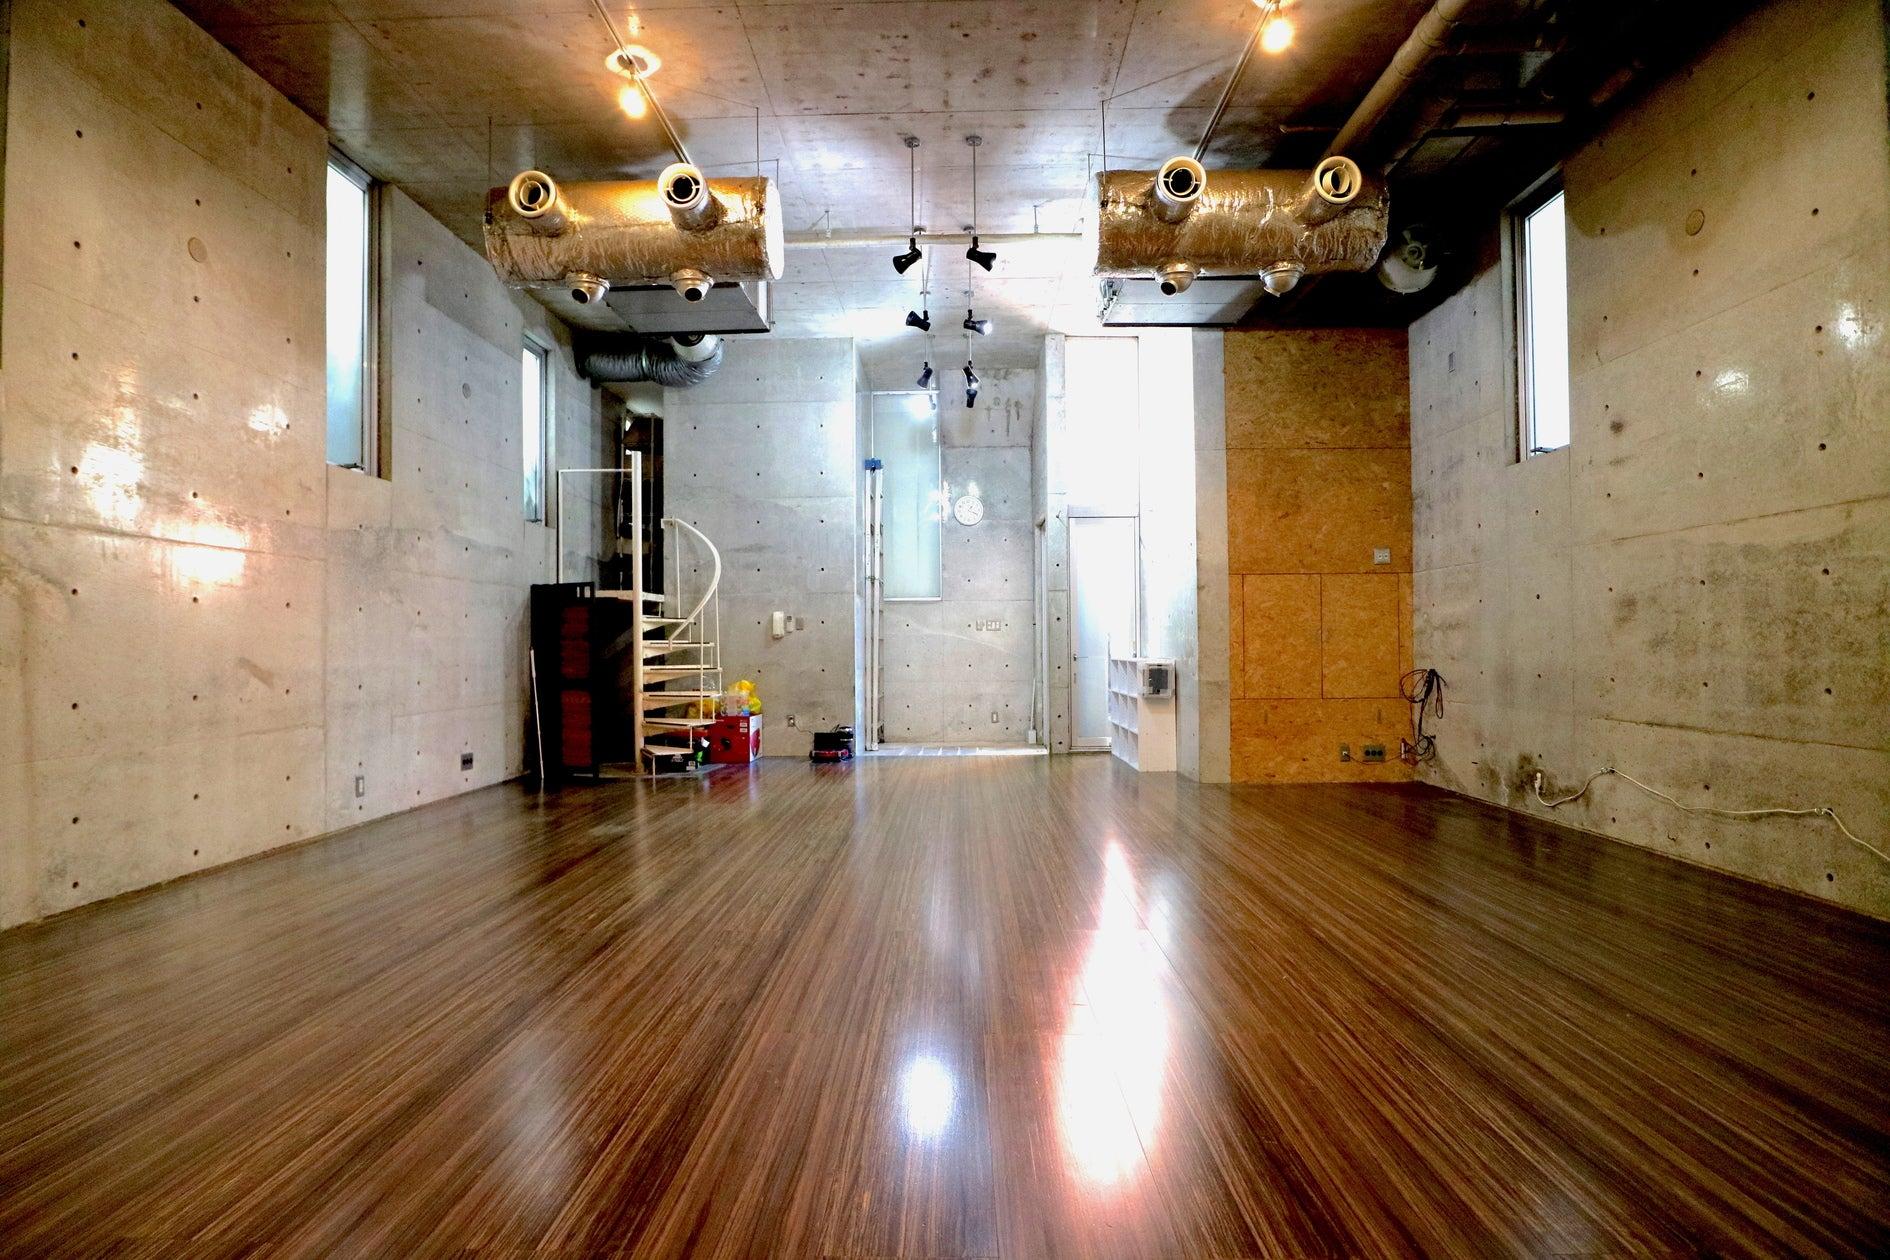 自由が丘徒歩5分!各種ダンスなどの利用可能なレンタルスタジオスペース!RAISE UP STUDIO JIYUGAOKA の写真